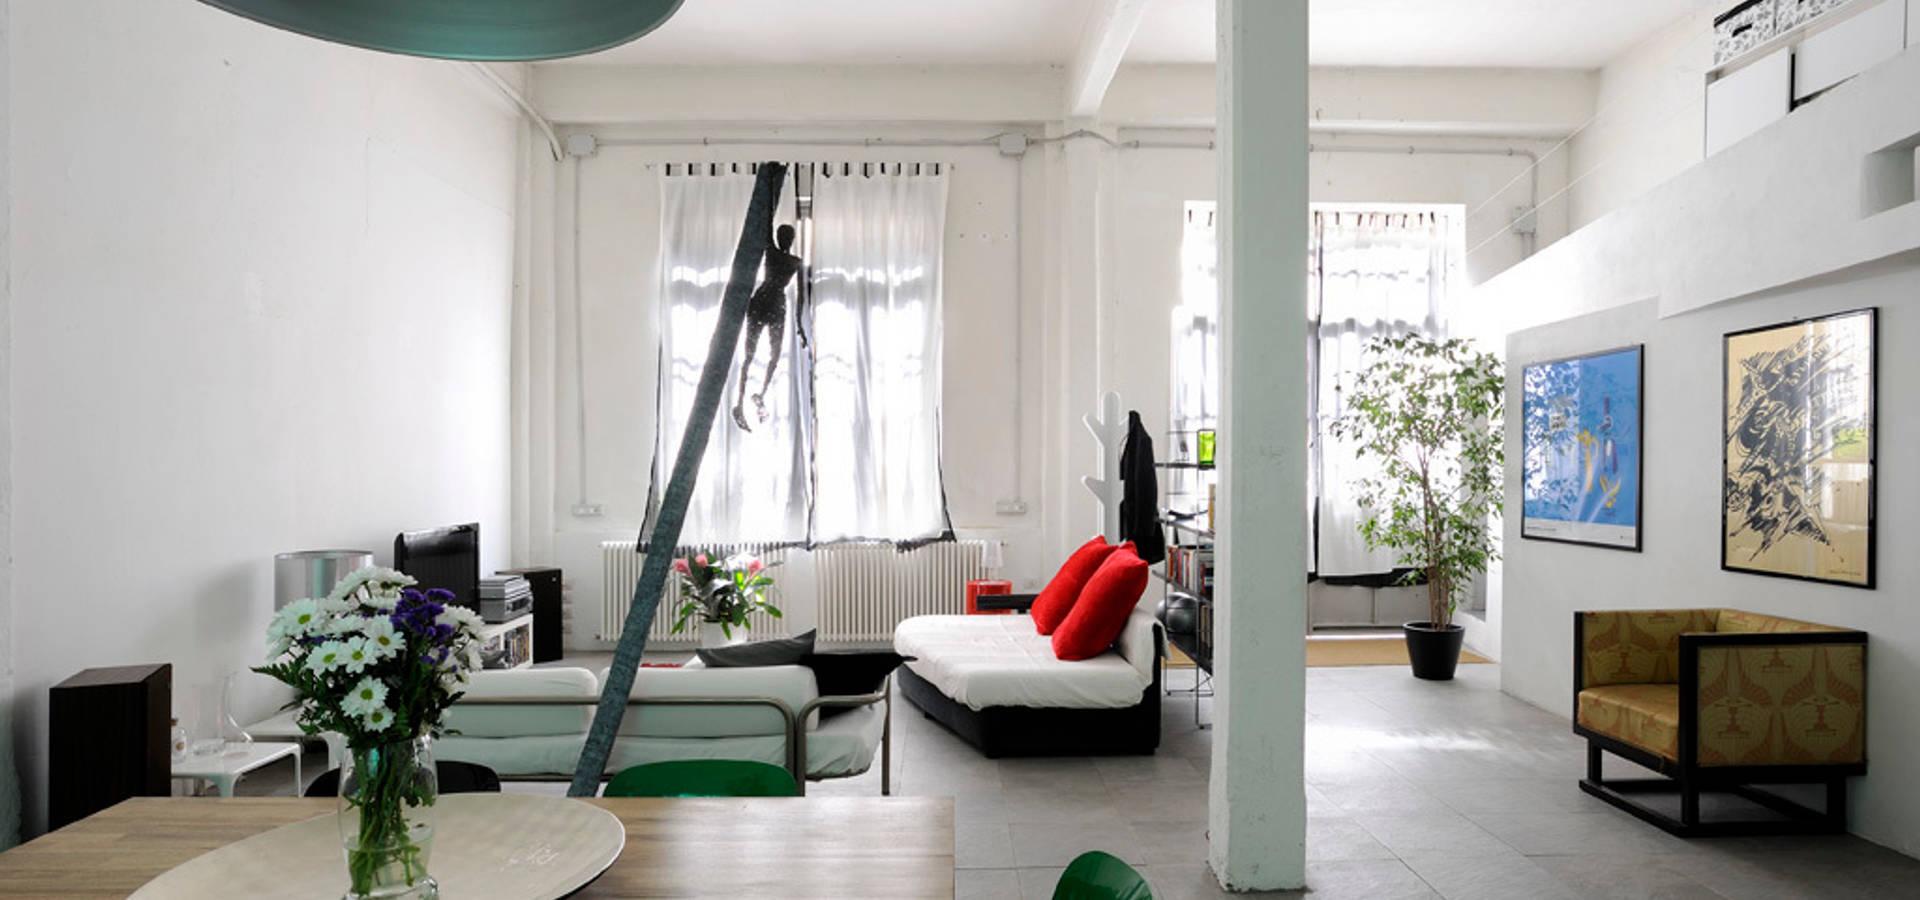 ec&co.   architetti   Milano